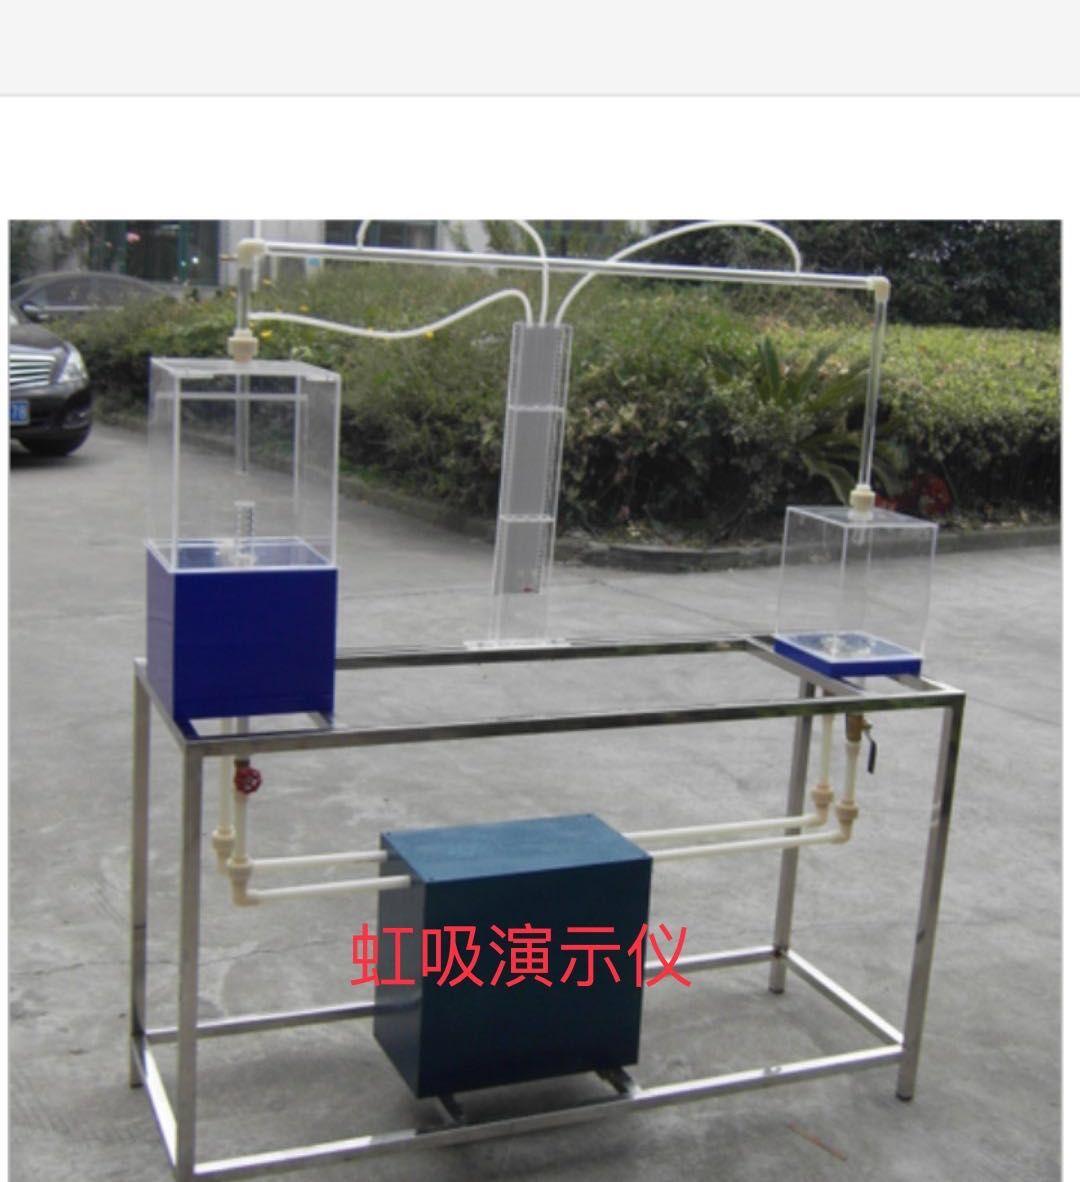 如何选购实惠的管路串并联综合实验,安徽管路串并联综合实验厂家